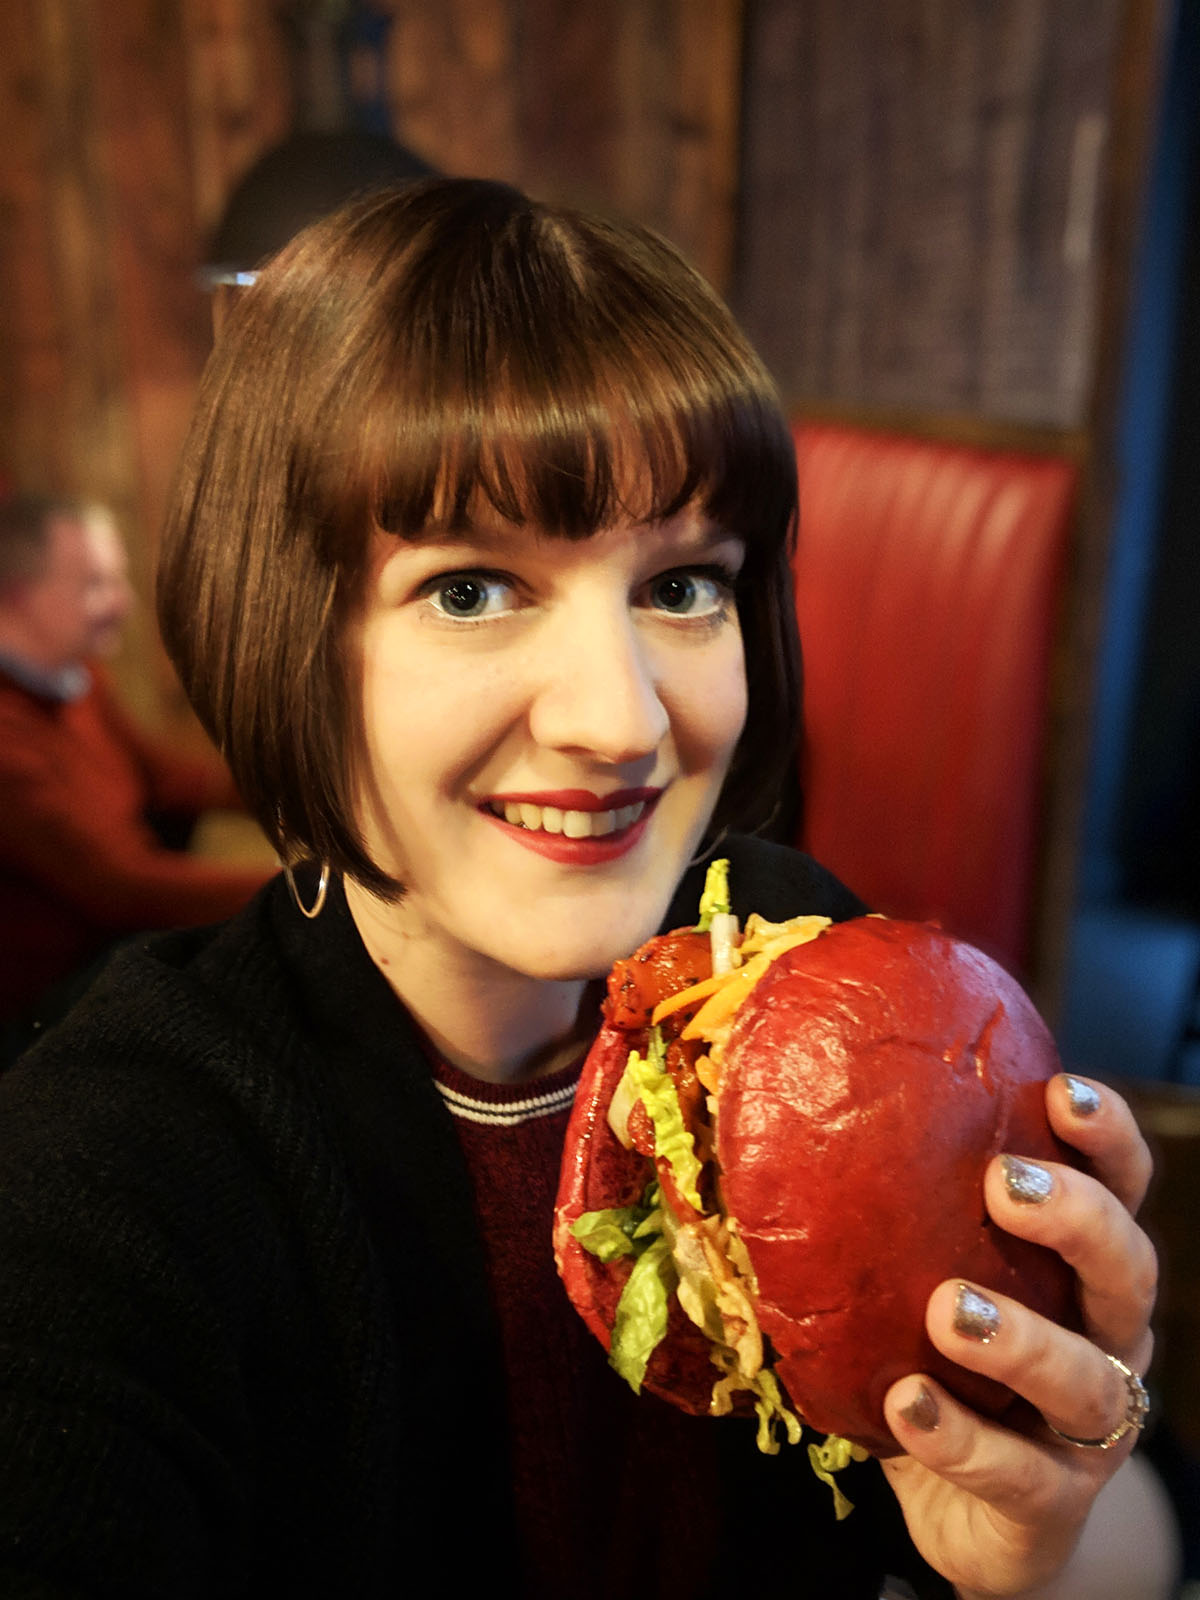 Eating a vegan burger